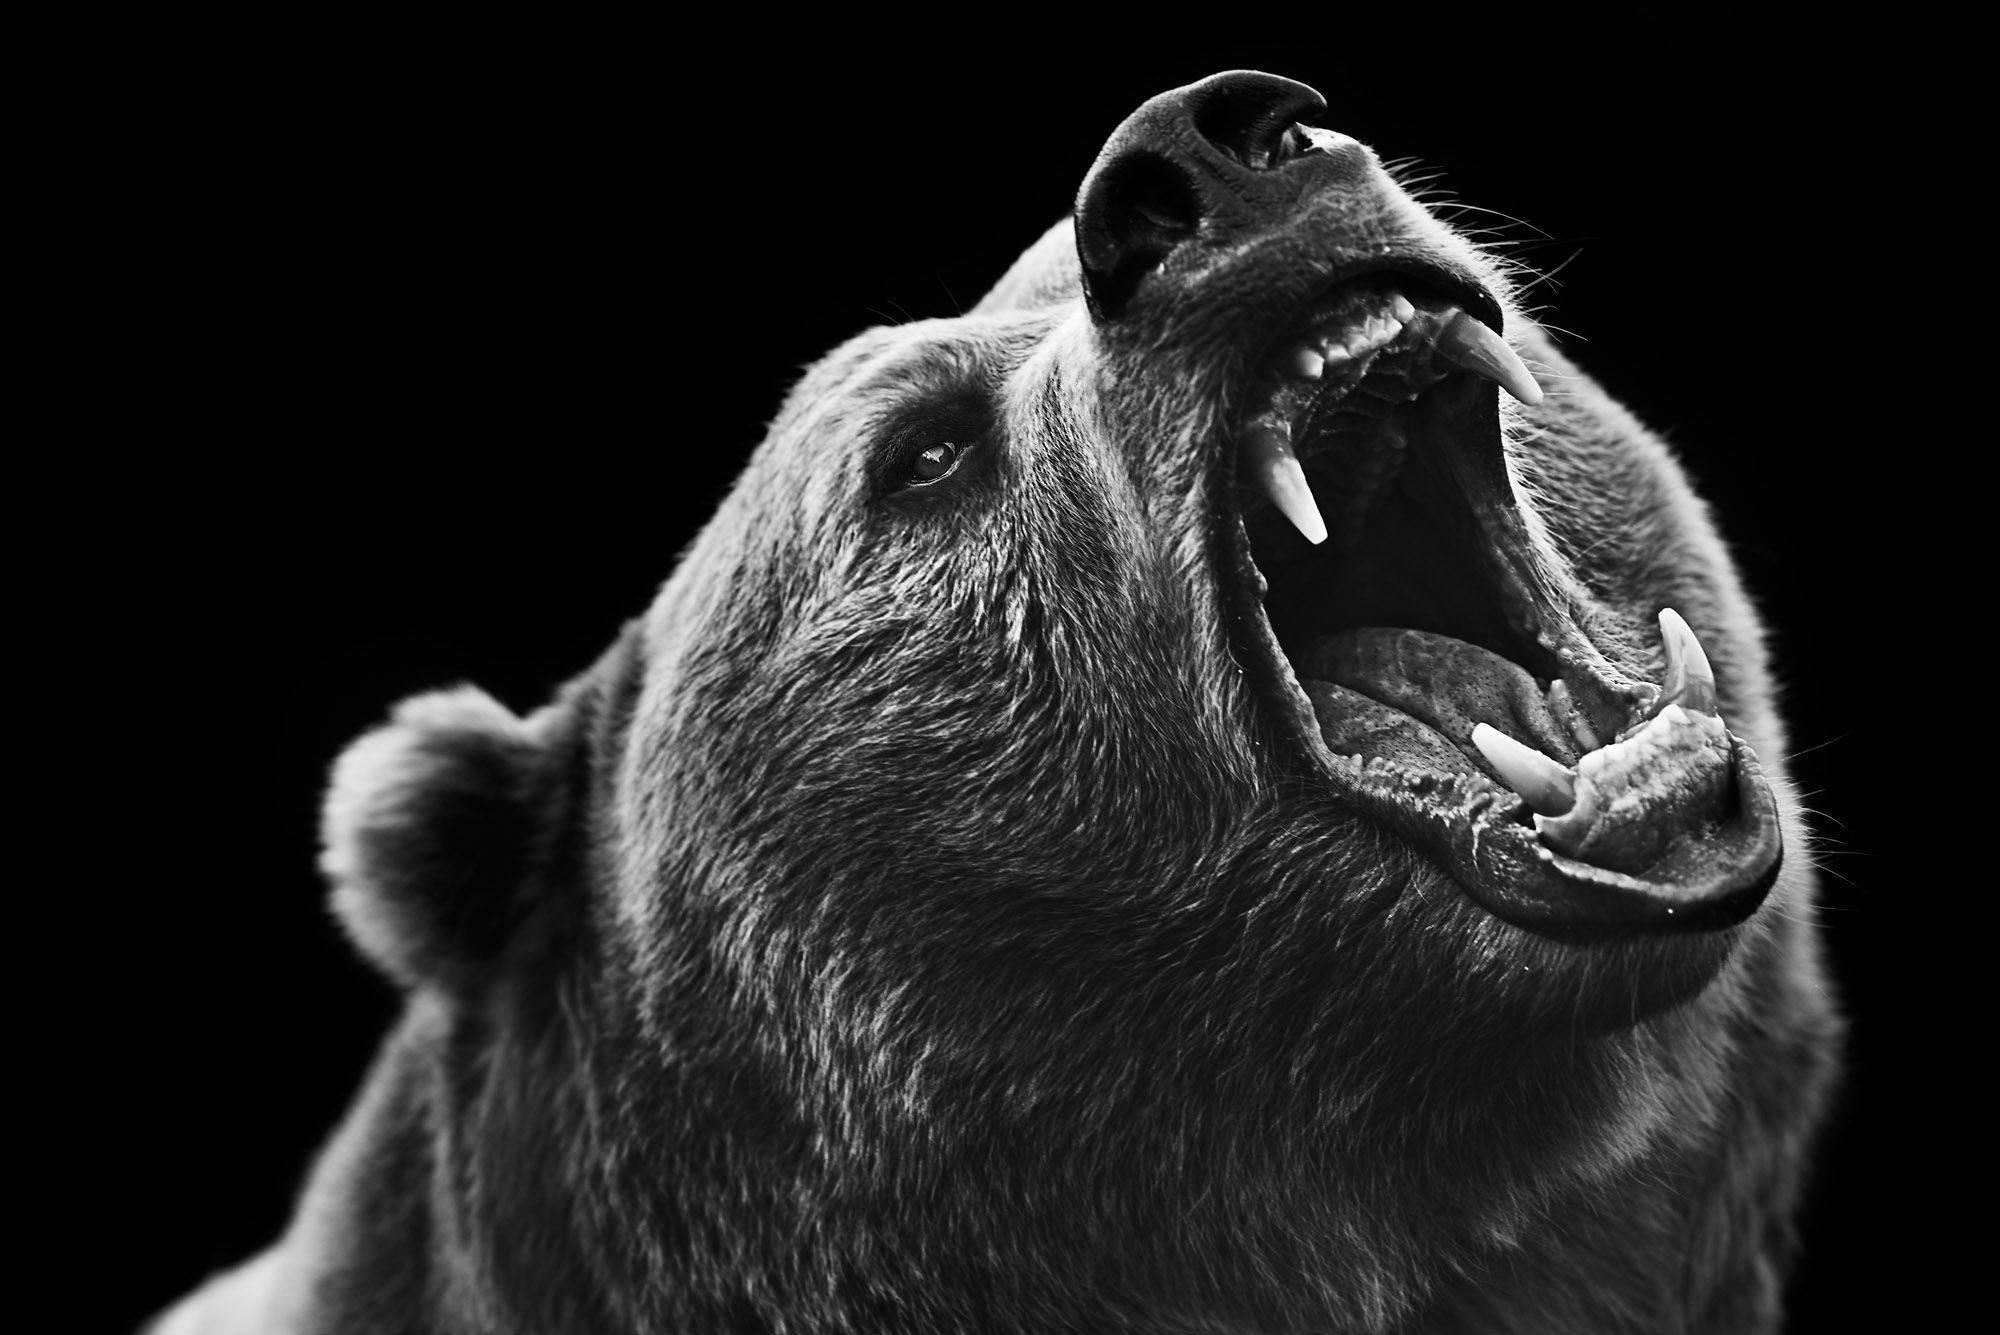 Картинки медведя с оскалом